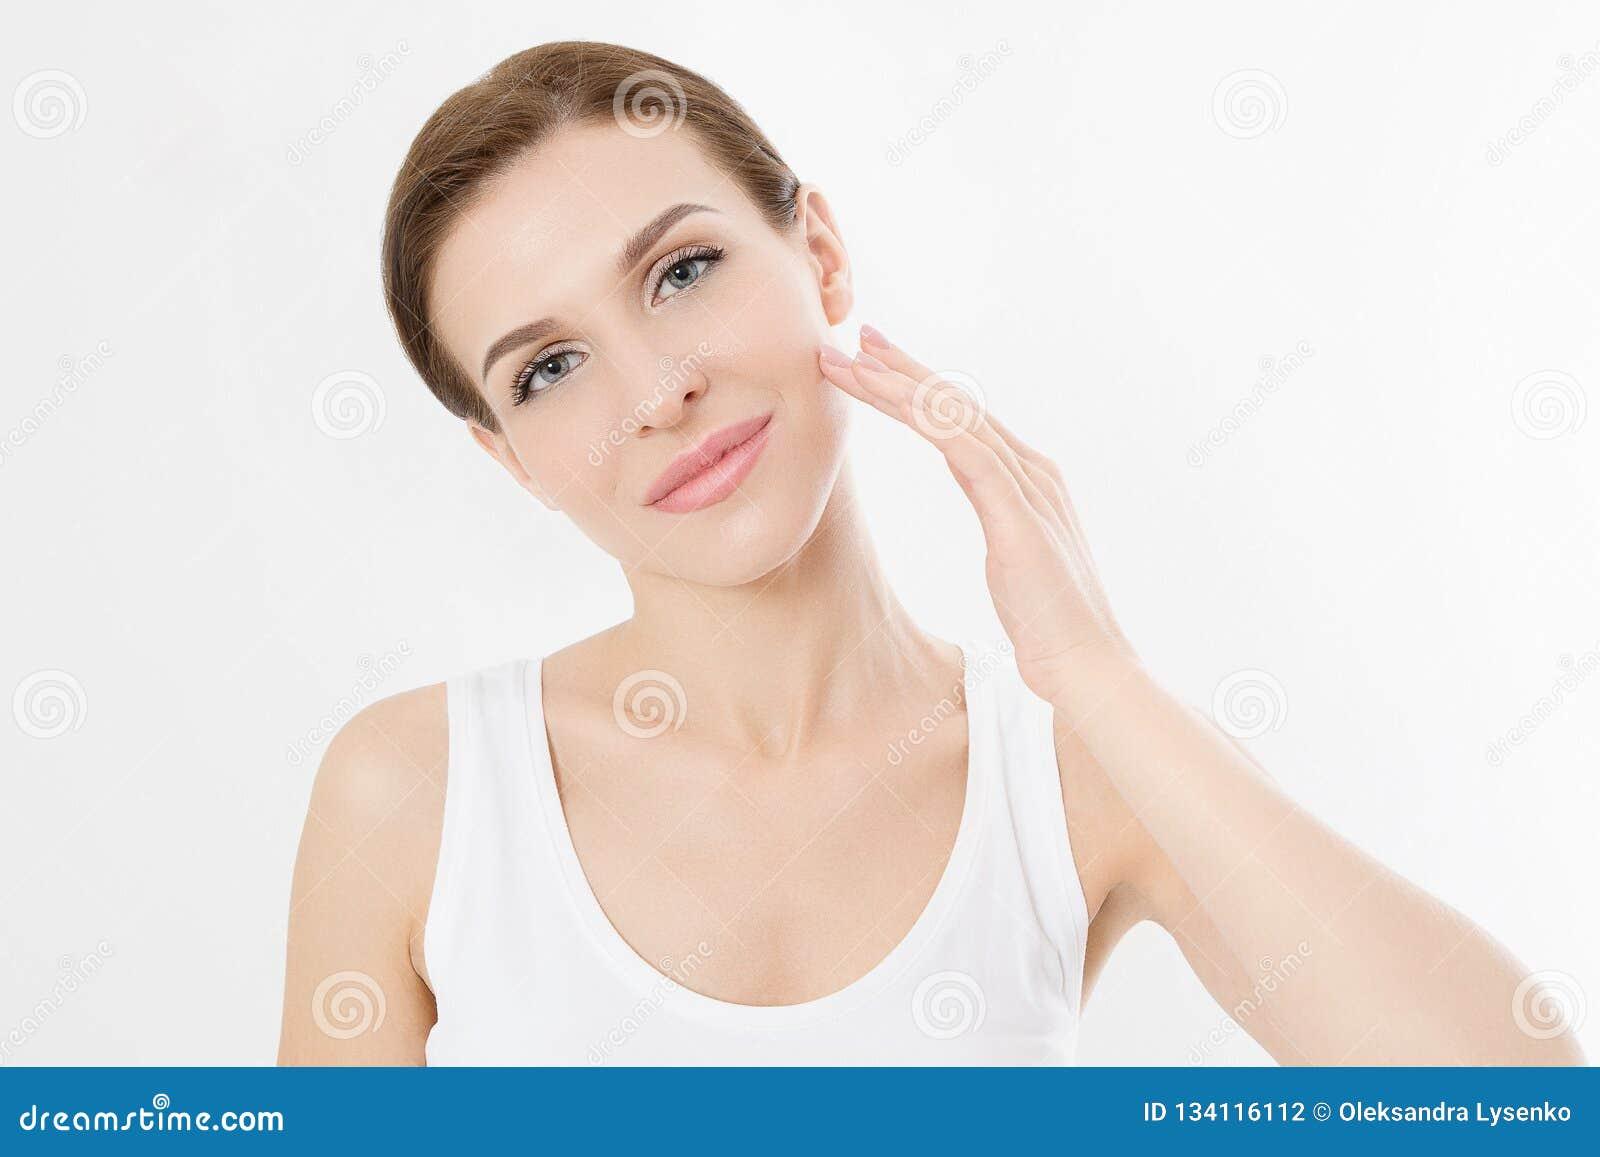 Μακρο πρόσωπο γυναικών χωρίς τις ρυτίδες στο μέτωπο Φροντίδα δέρματος και ομορφιά προσώπου SPA Cosmetology του προσώπου επεξεργασ